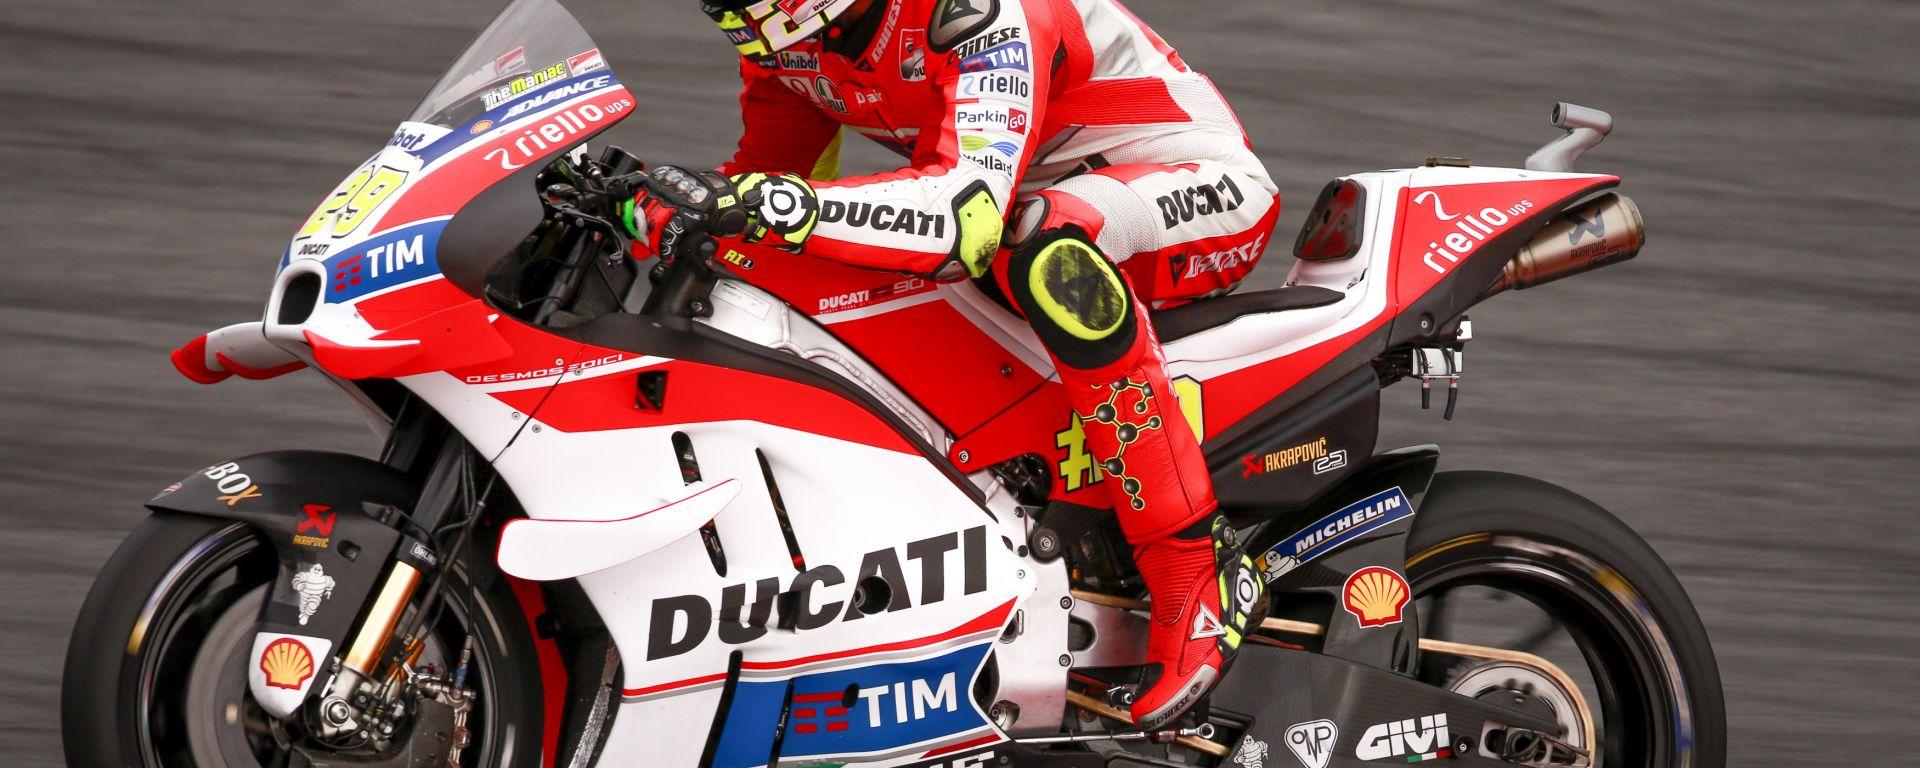 MotoGP Austria 2016: prima fila tutta italiana, Andrea Iannone in pole davanti a Rossi e Dovizioso